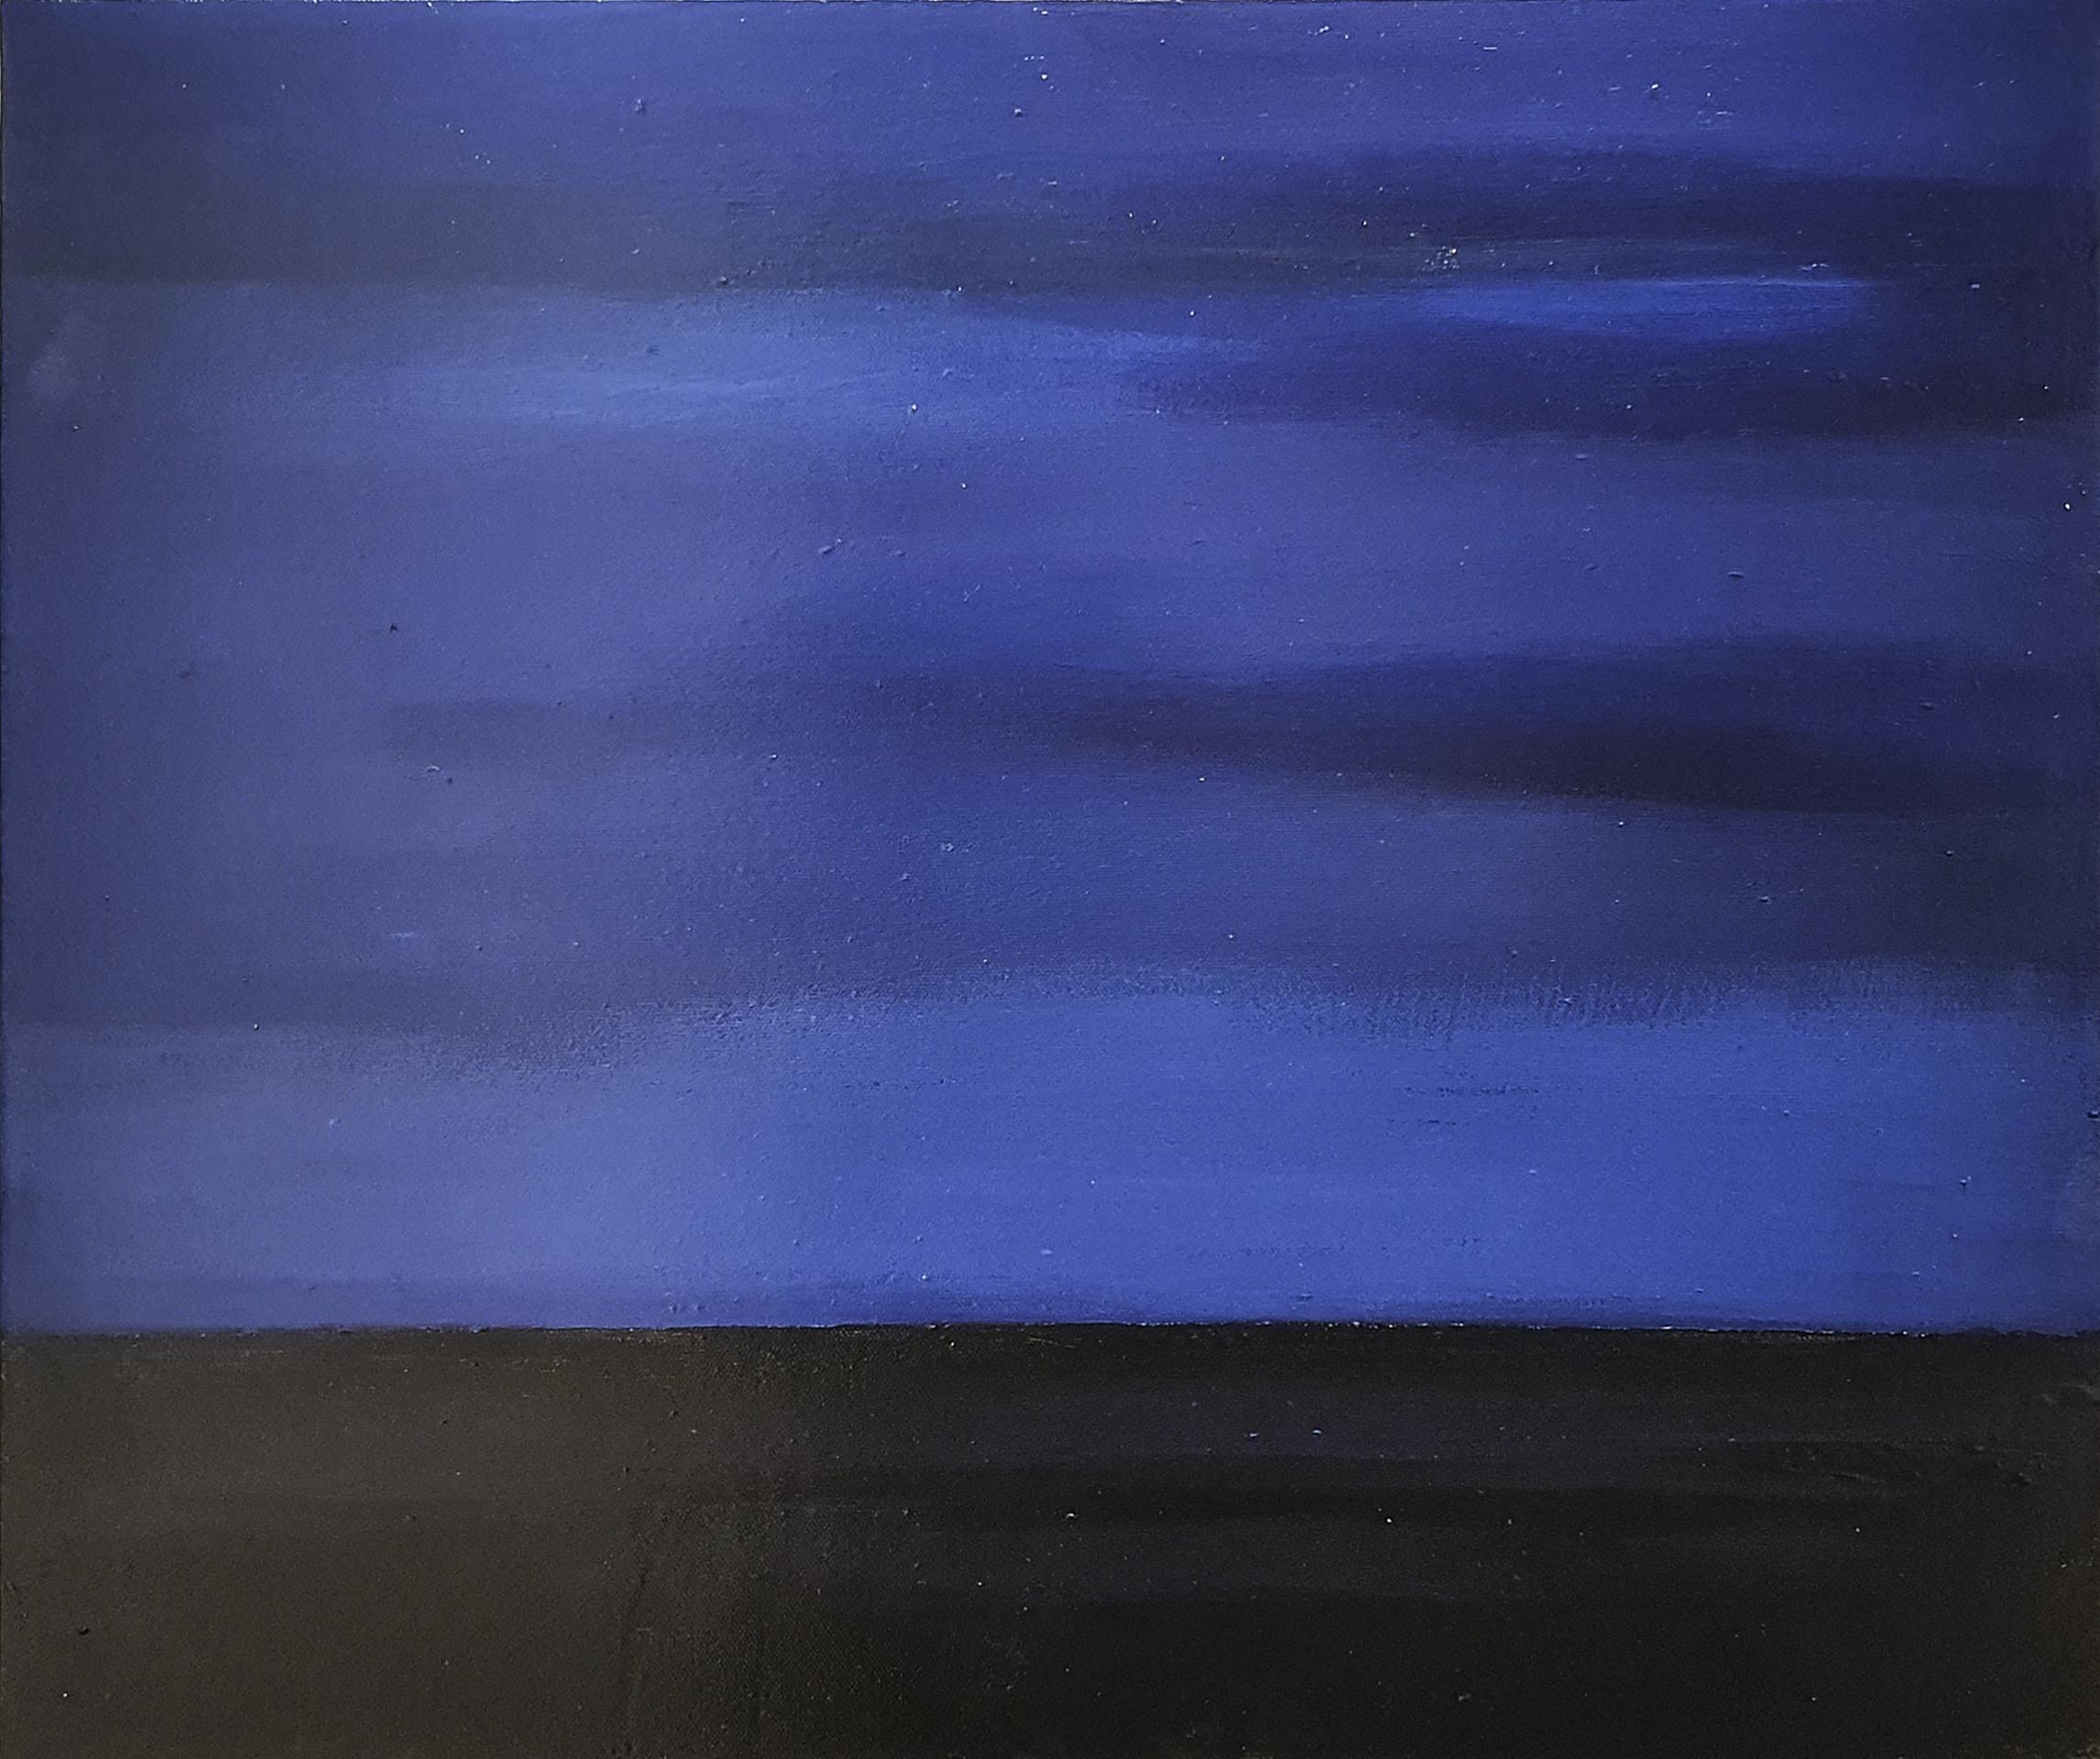 이기범, wave 202012B, 45 x 52 cm, 아크릴, 2020